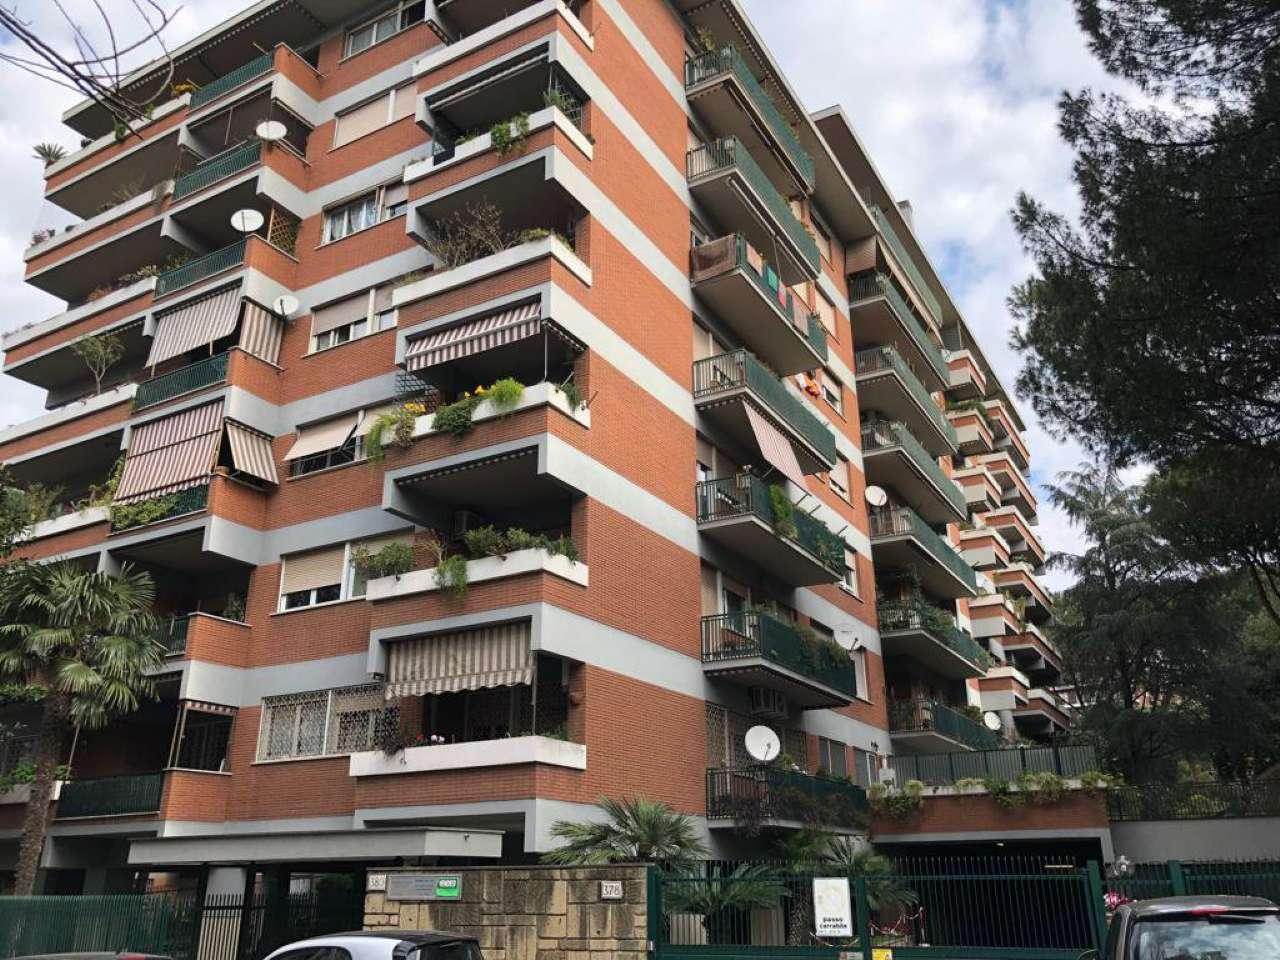 Appartamento in vendita a Roma, 4 locali, zona Zona: 22 . Eur - Torrino - Spinaceto, prezzo € 565.000   CambioCasa.it